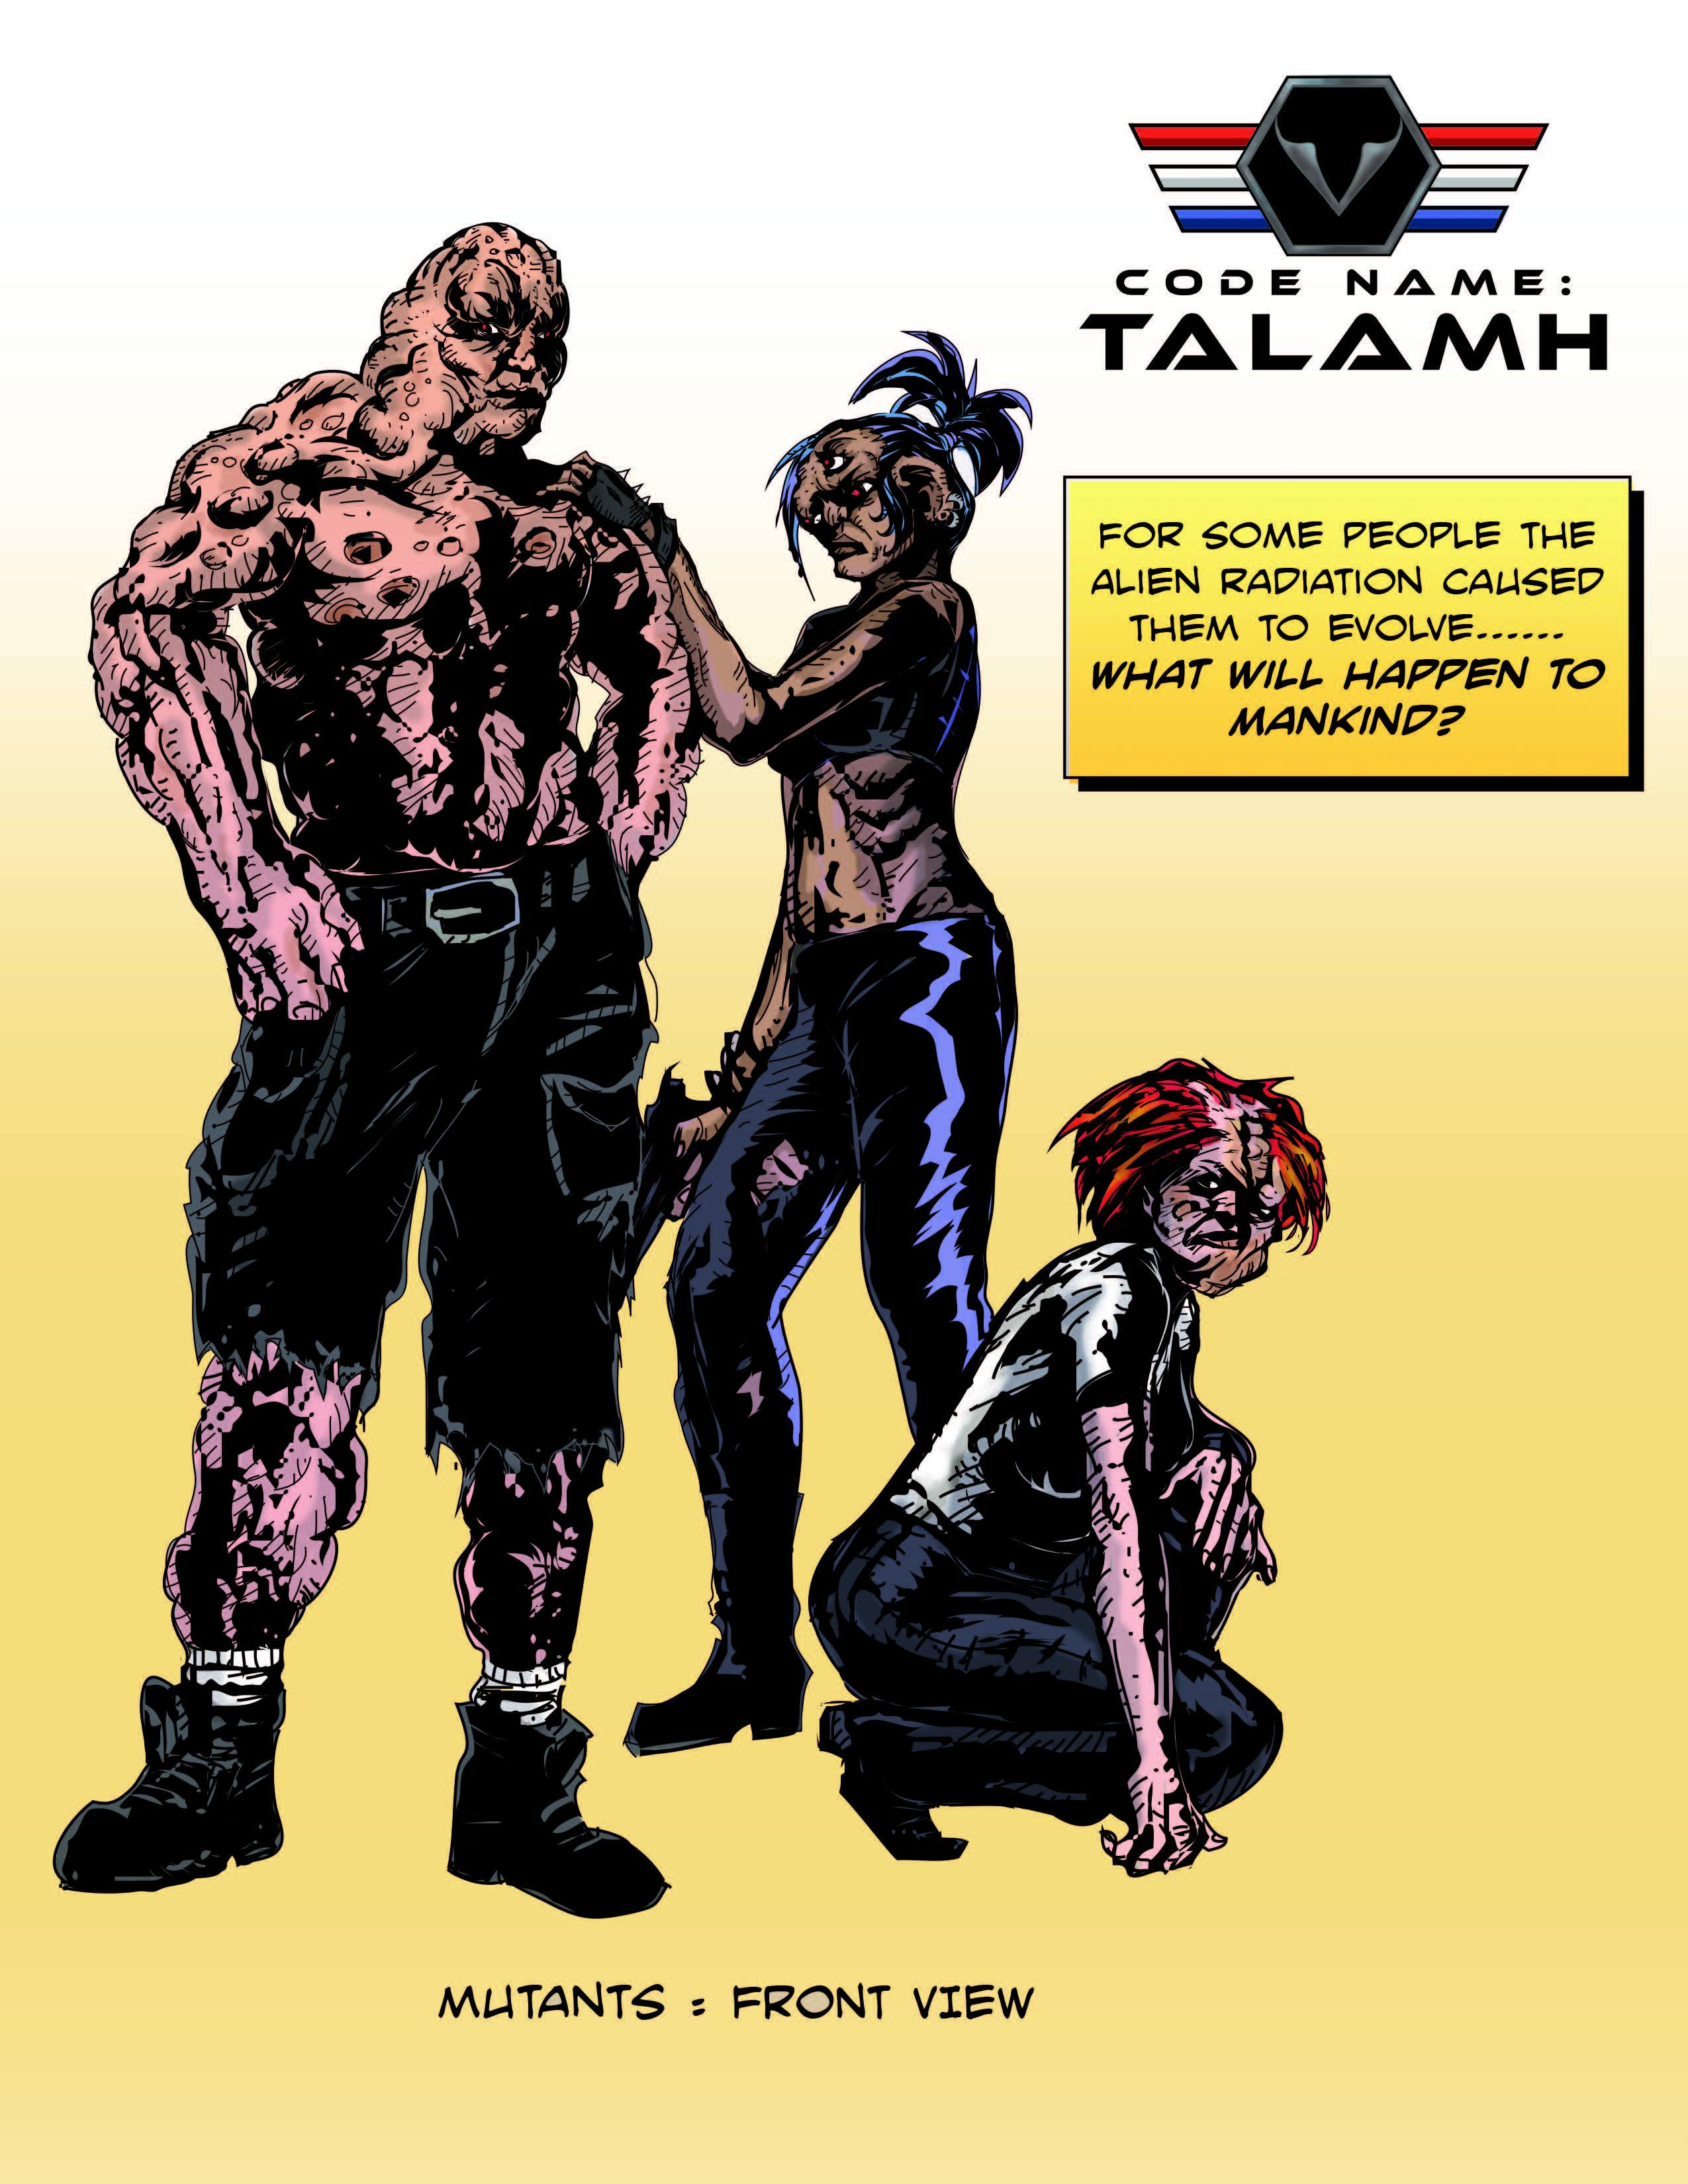 Mutants-Code Name: Talamh